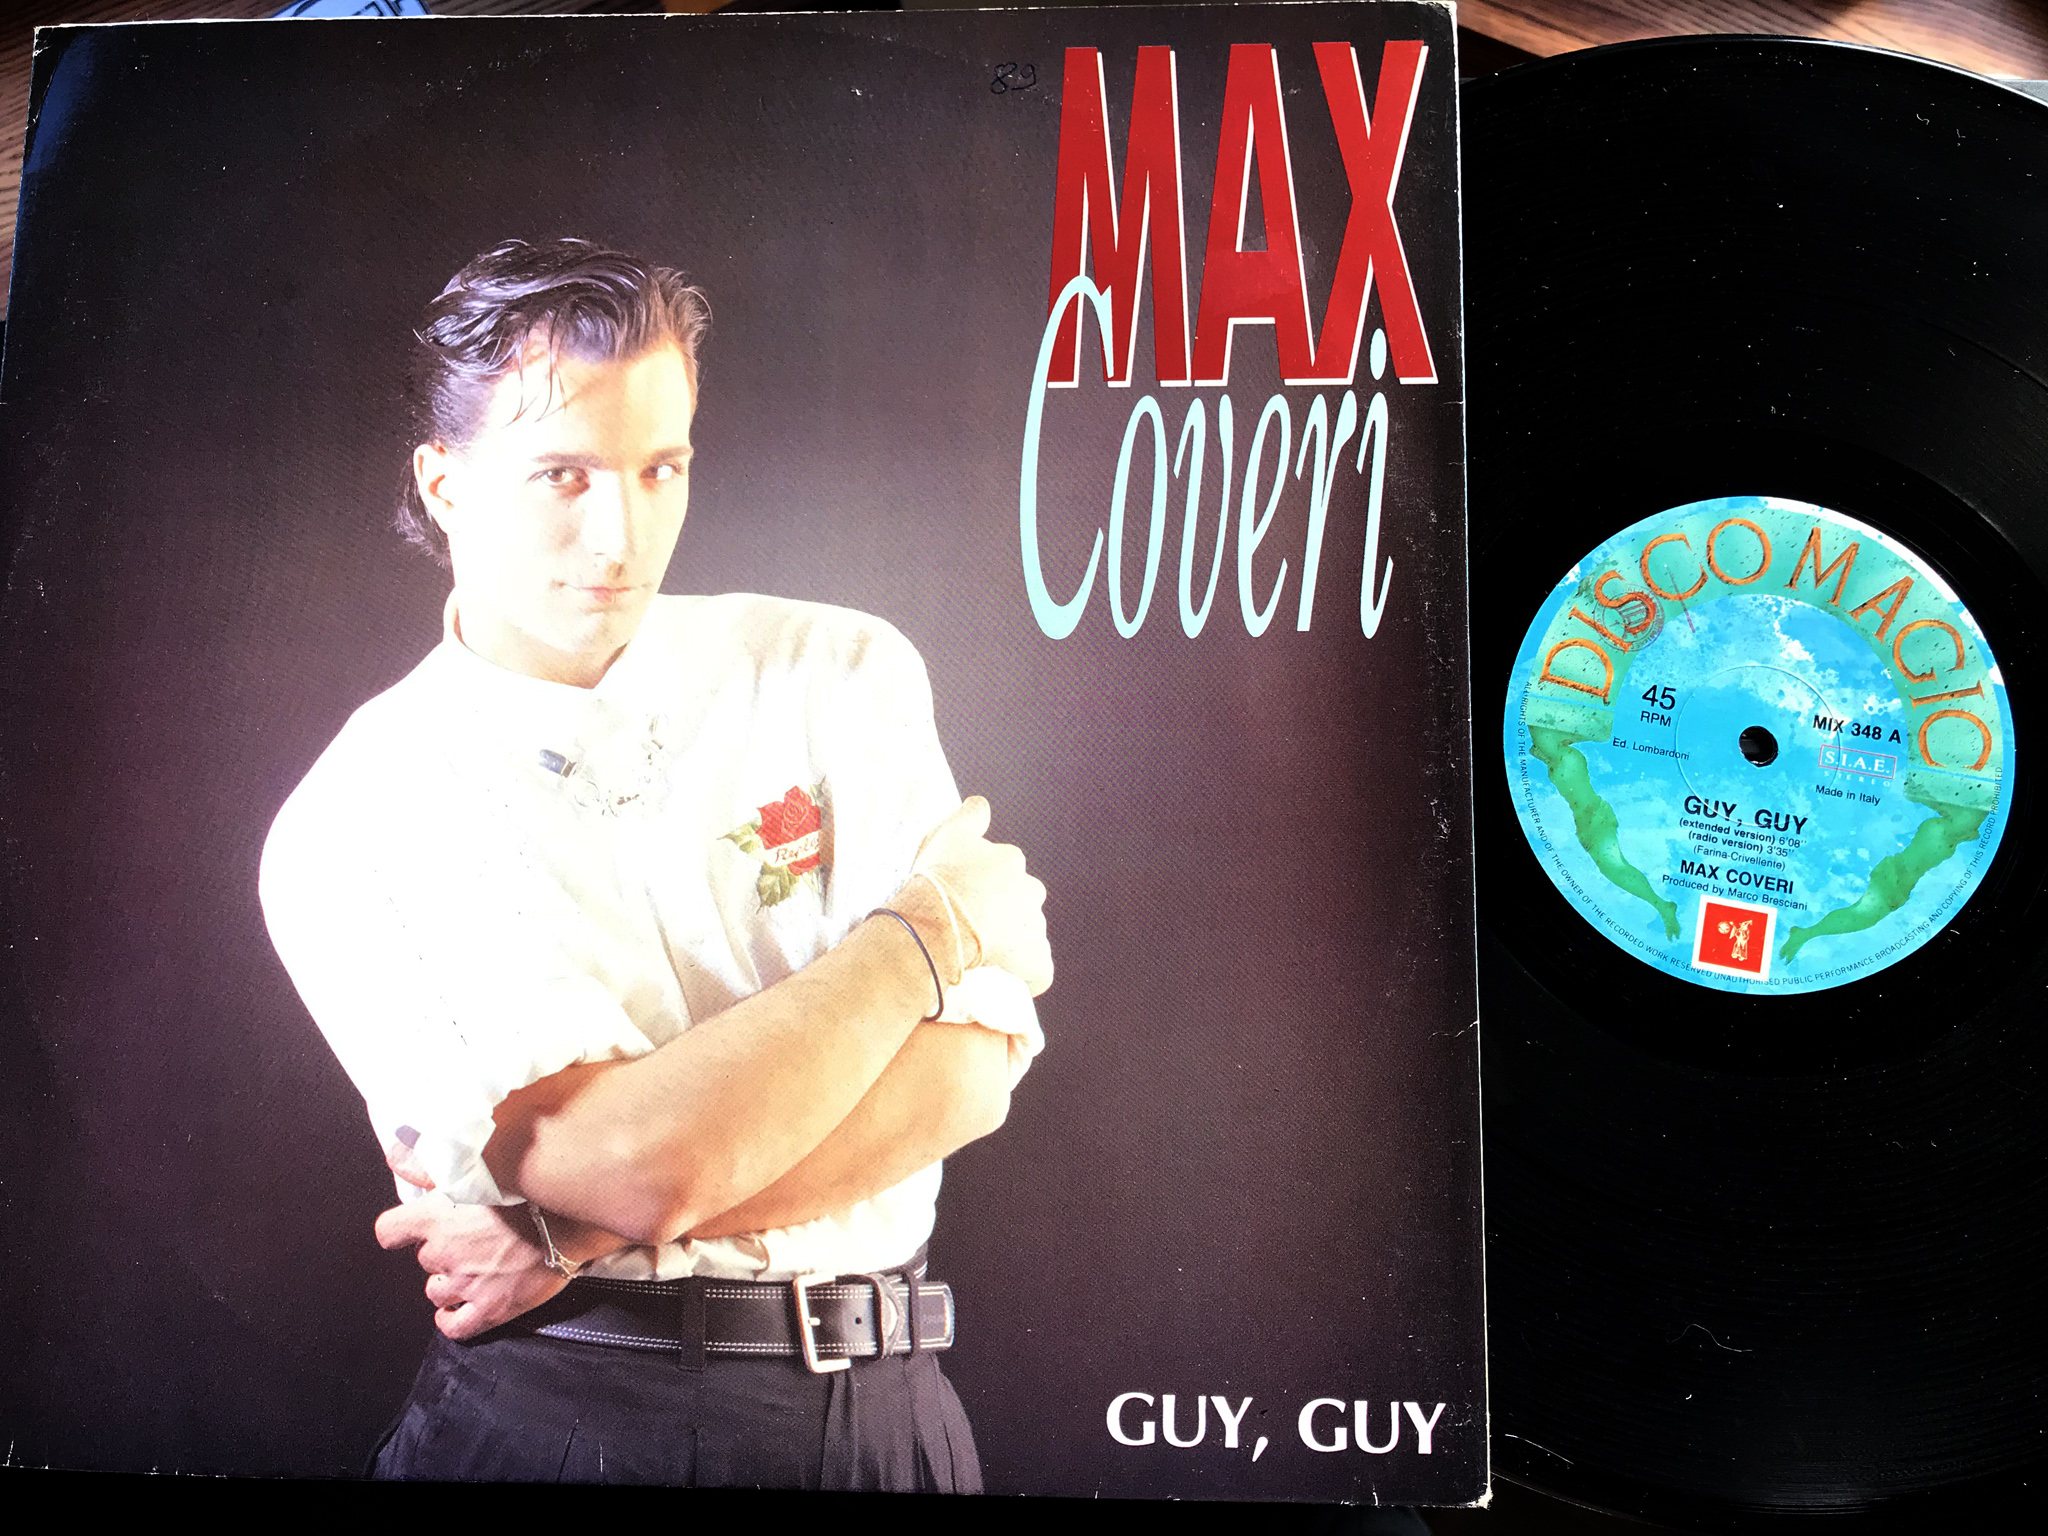 Max Coveri - Guy Guy